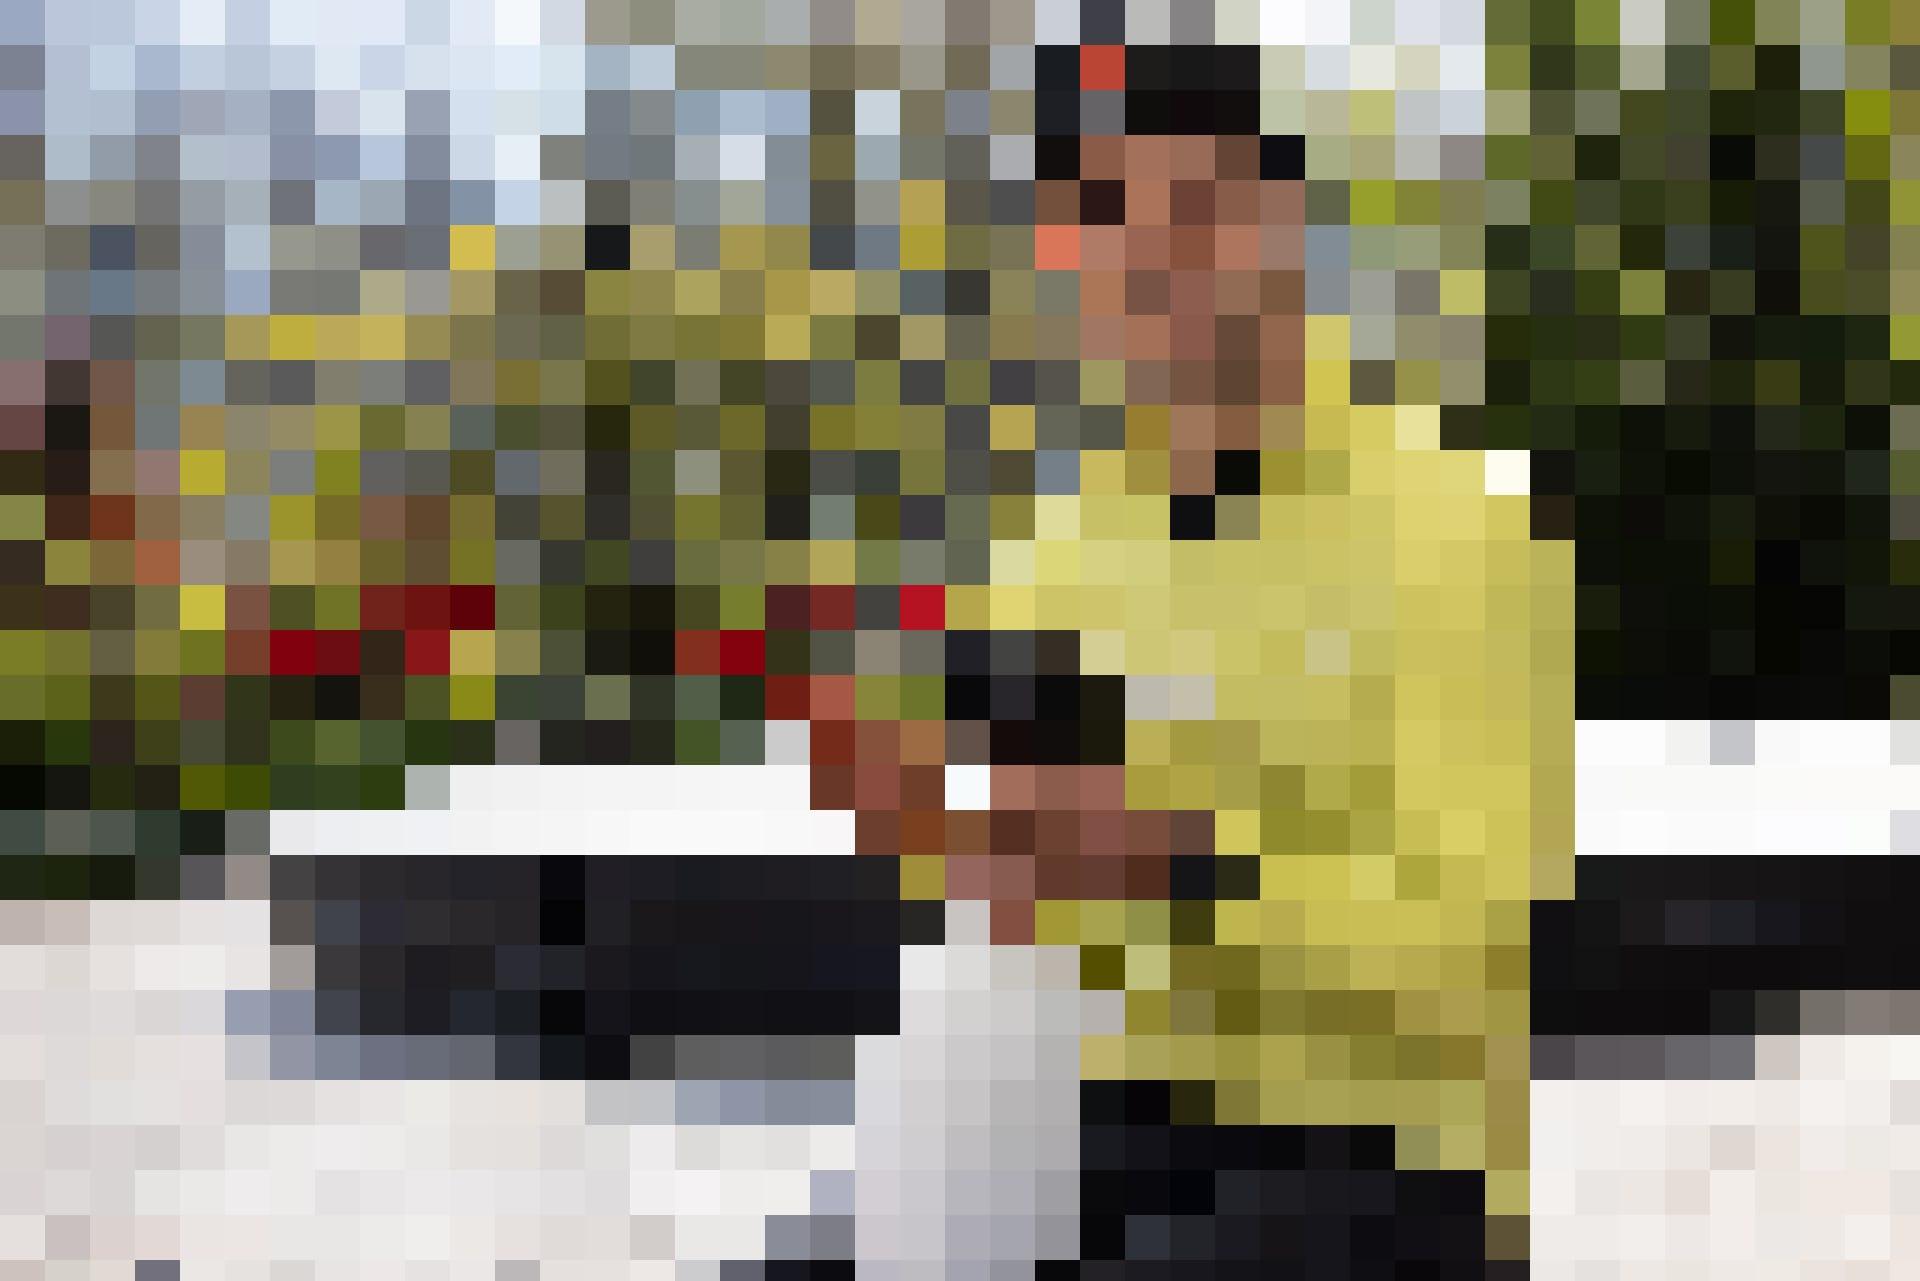 Atemmuskeltraining ist für Mountainbike Profi Nino Schurter fester Bestandteil der Saisonvorbereitung.